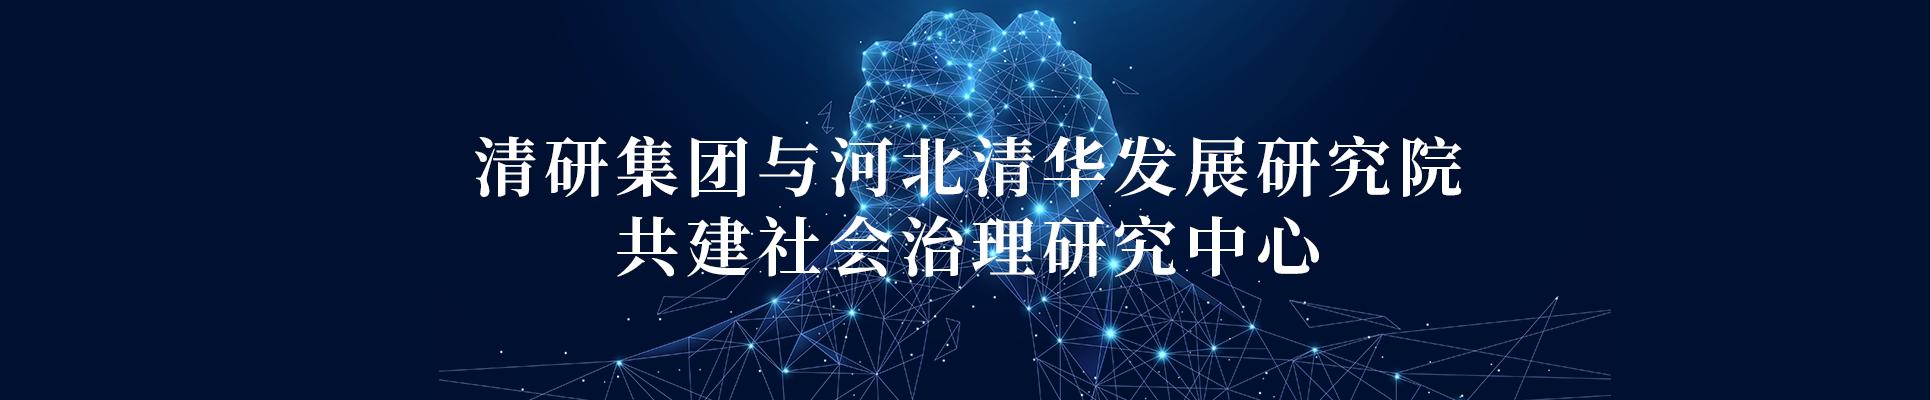 清研集团联合河北清华发展研究院共建社会治理研究中心